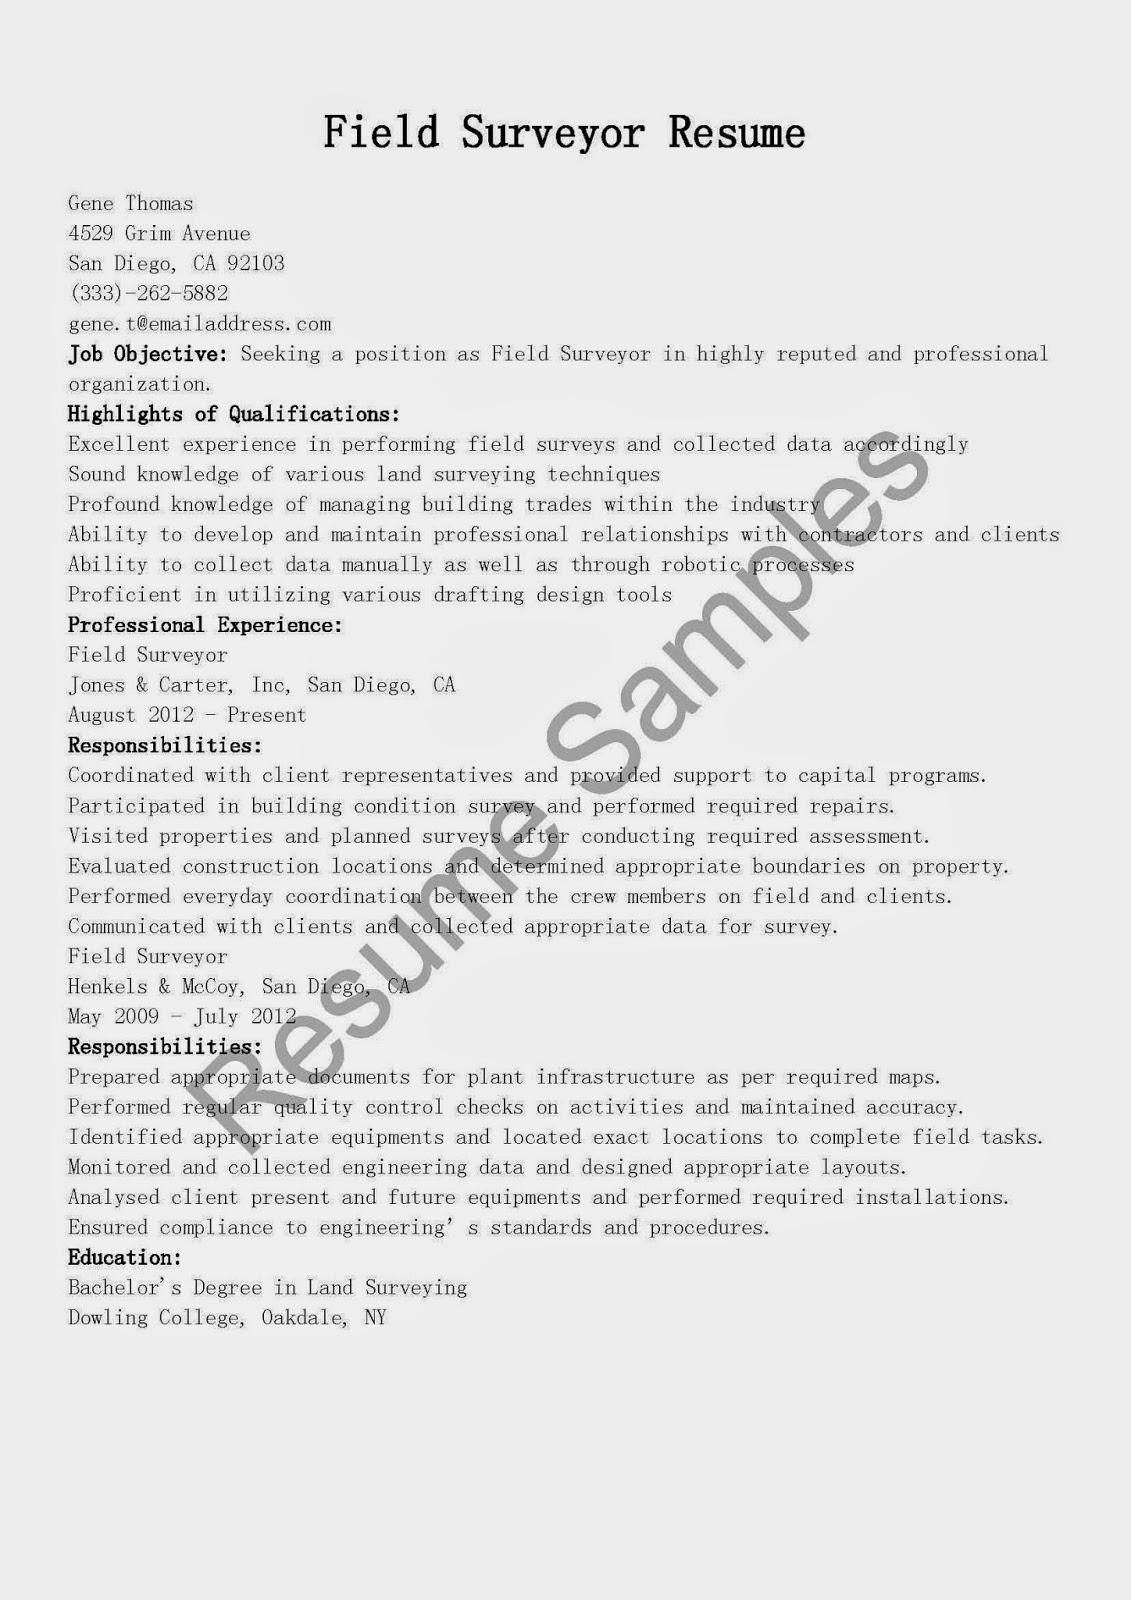 cover letter for land surveyor resume